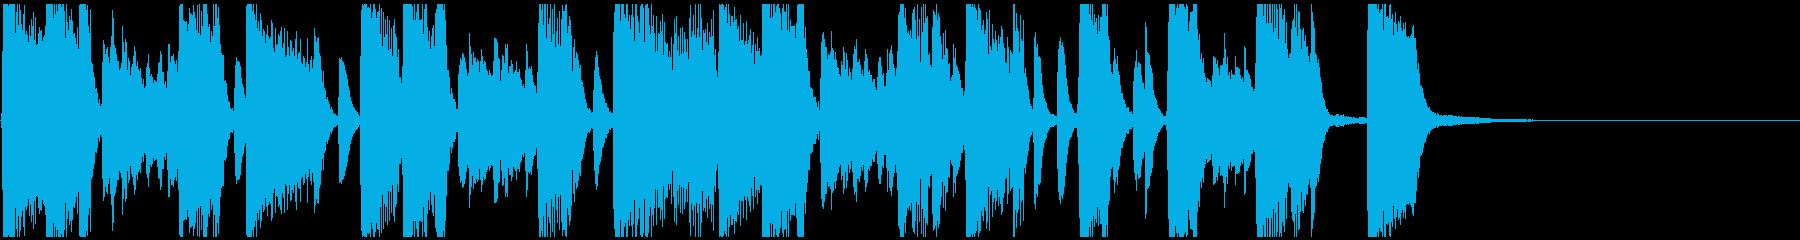 沖縄音階のJAZZ風ピアノジングルの再生済みの波形